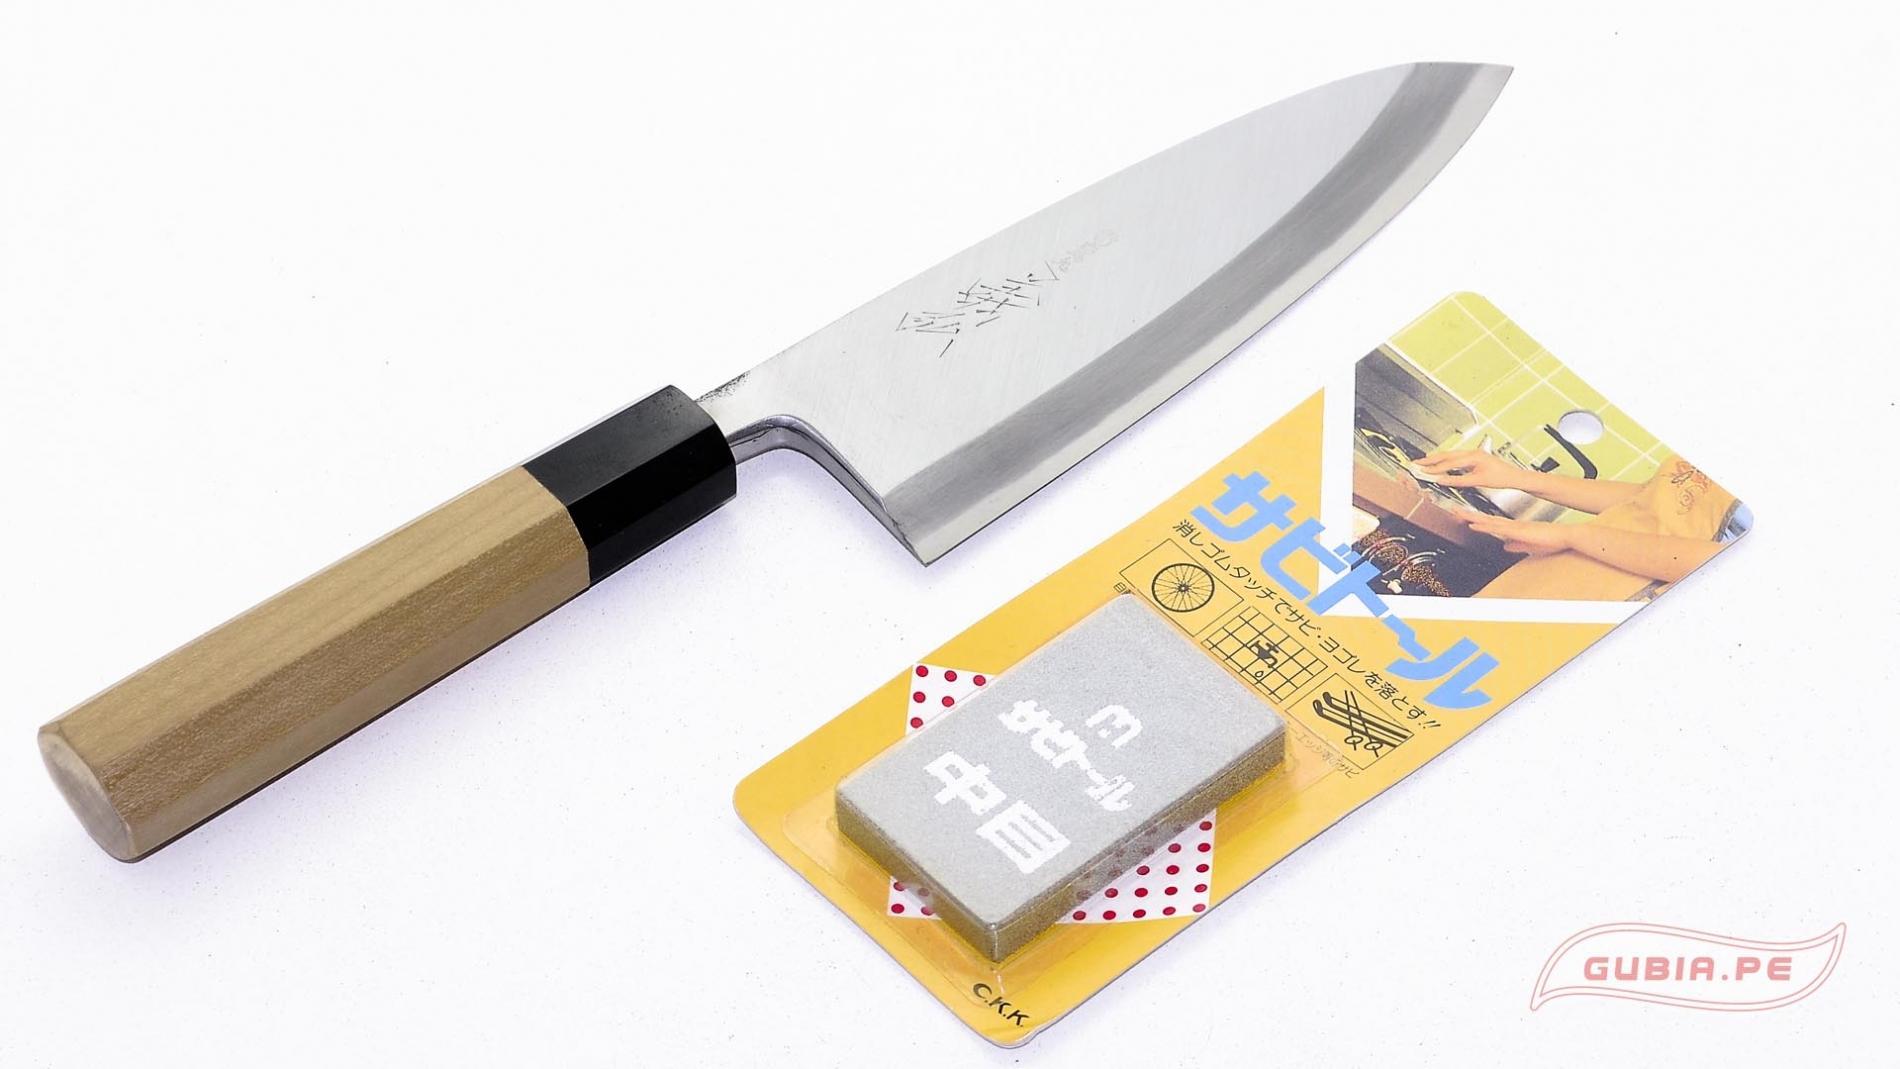 GUB0028-Borrador mediano para limpiar el óxido de cuchillos con alto carbono Sushi GUB0028-max-1.